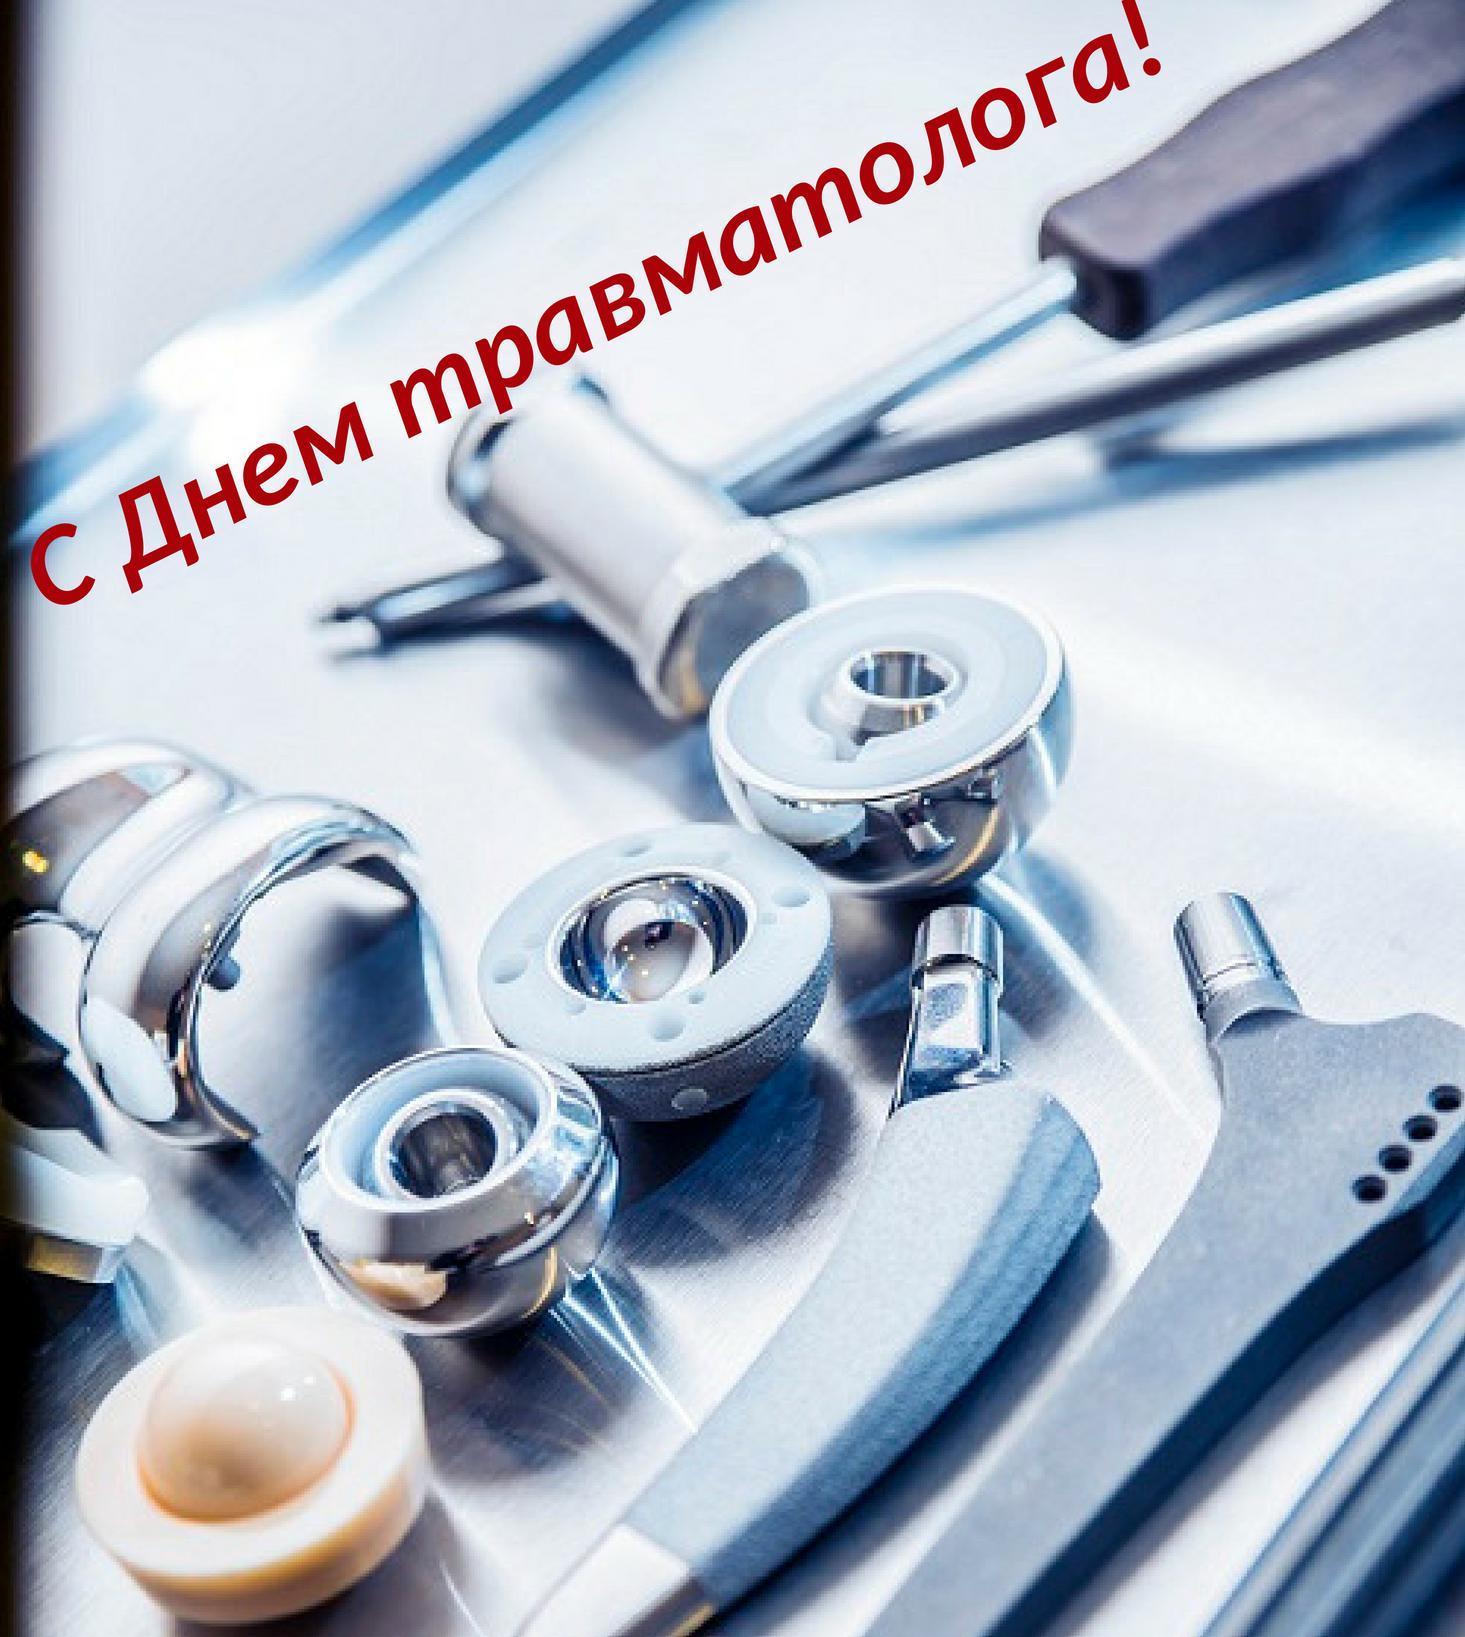 С днем травматолога открытка